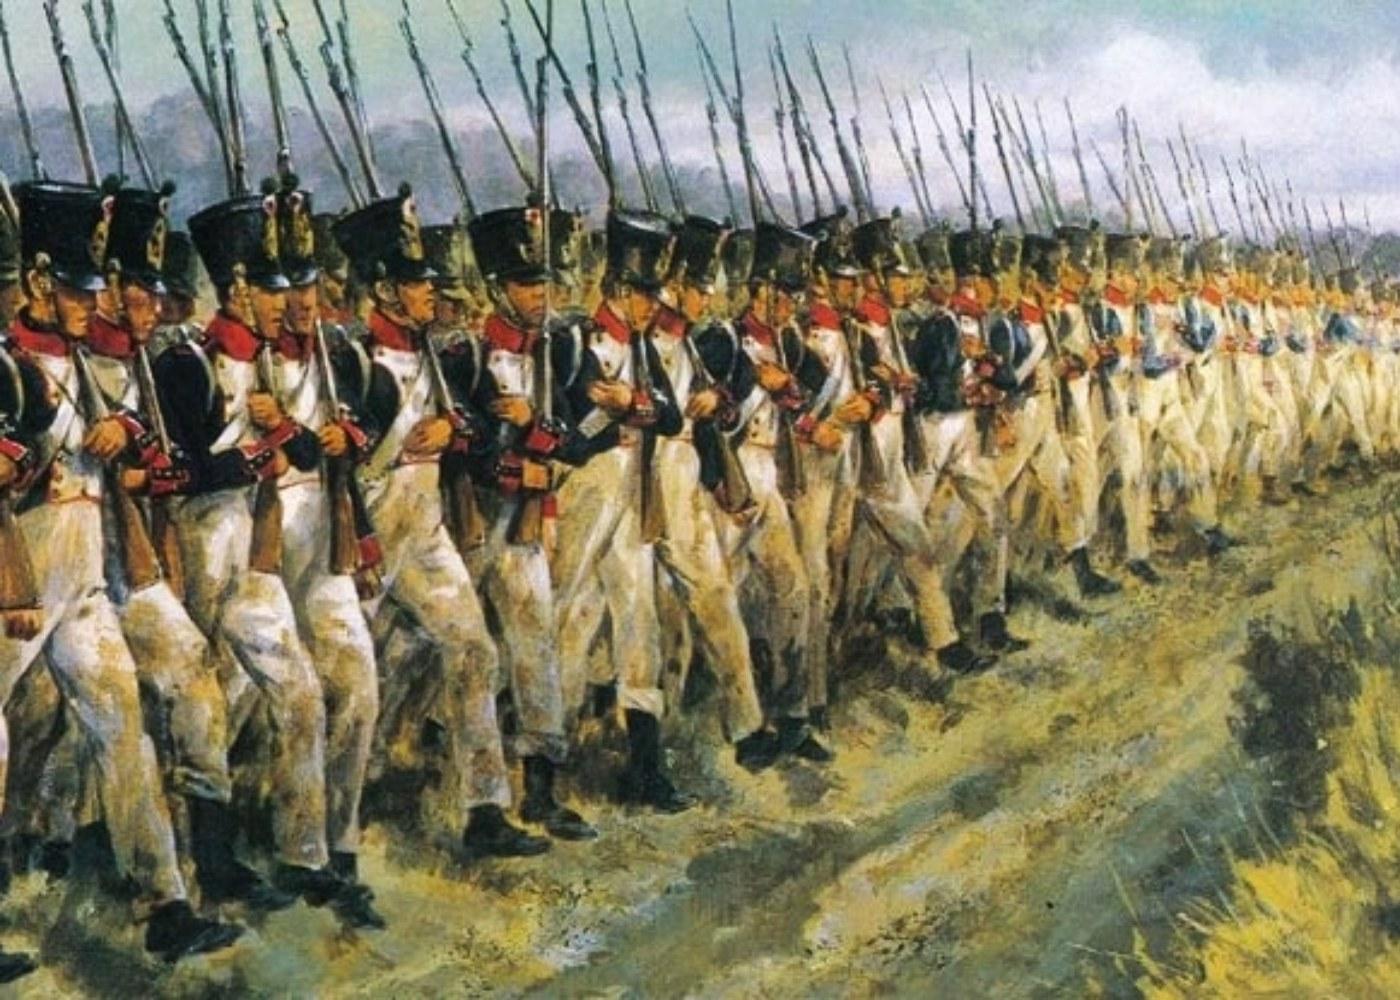 Soldados do exército francês